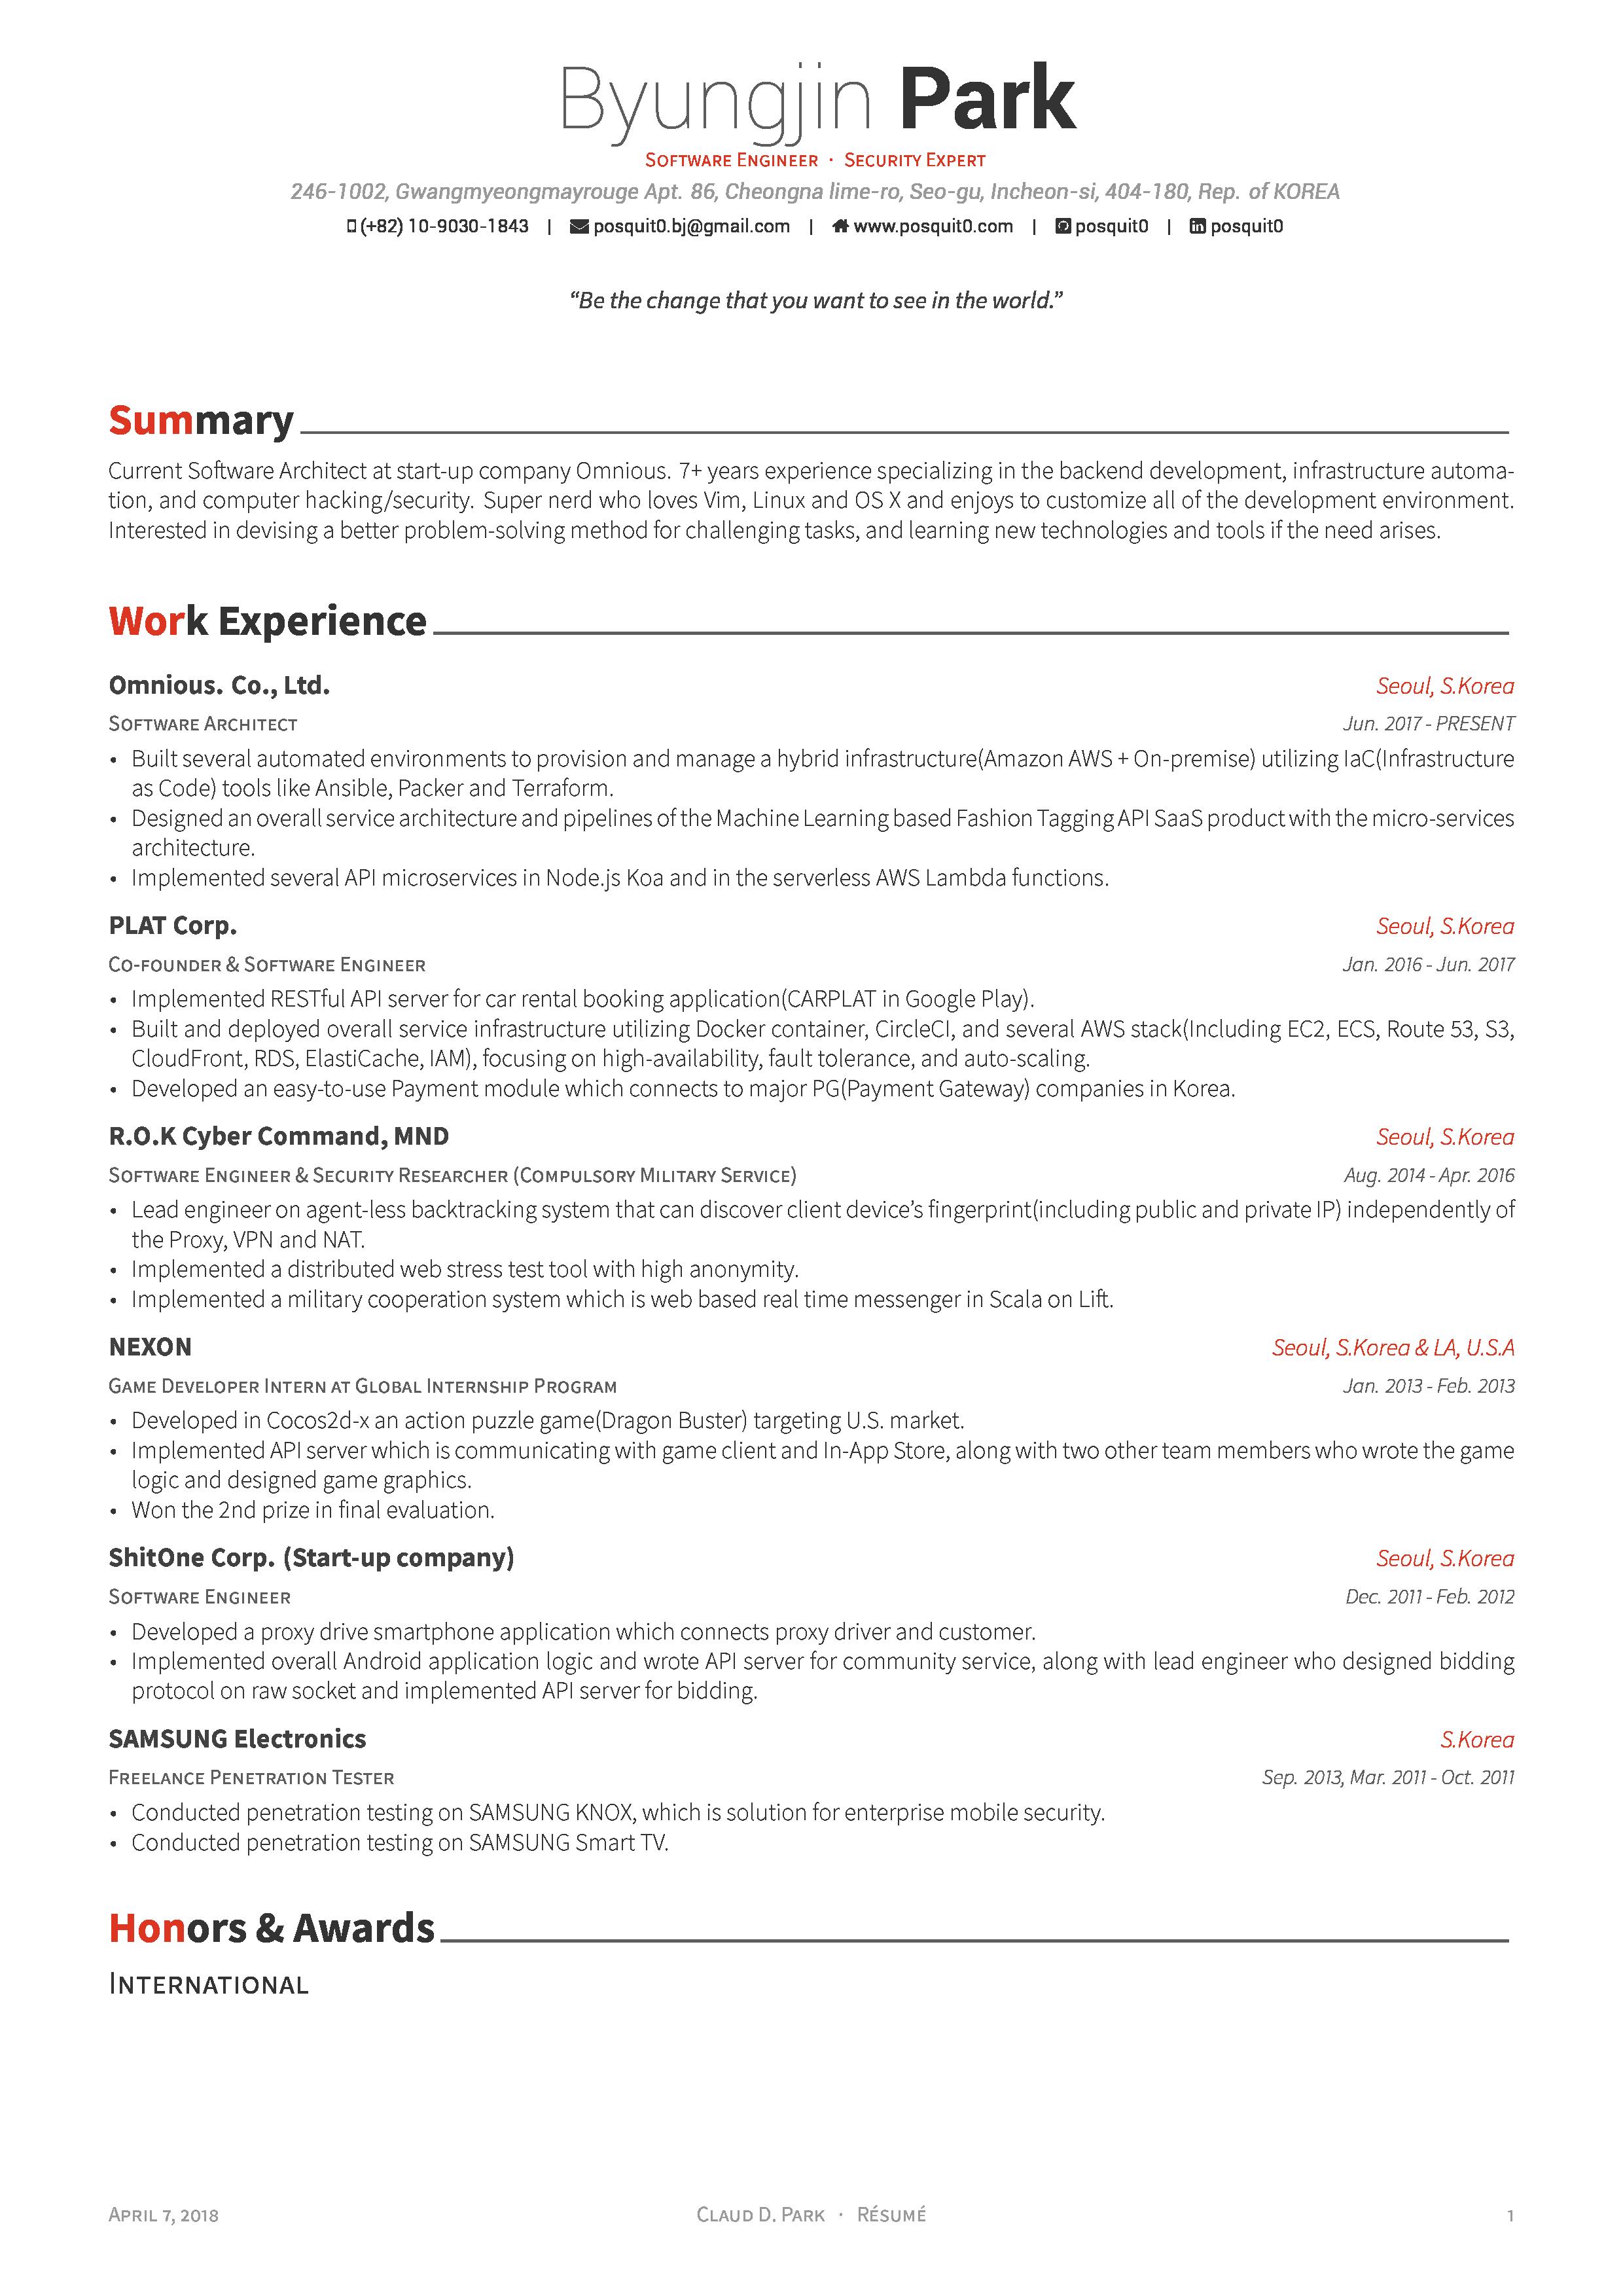 resume templates github